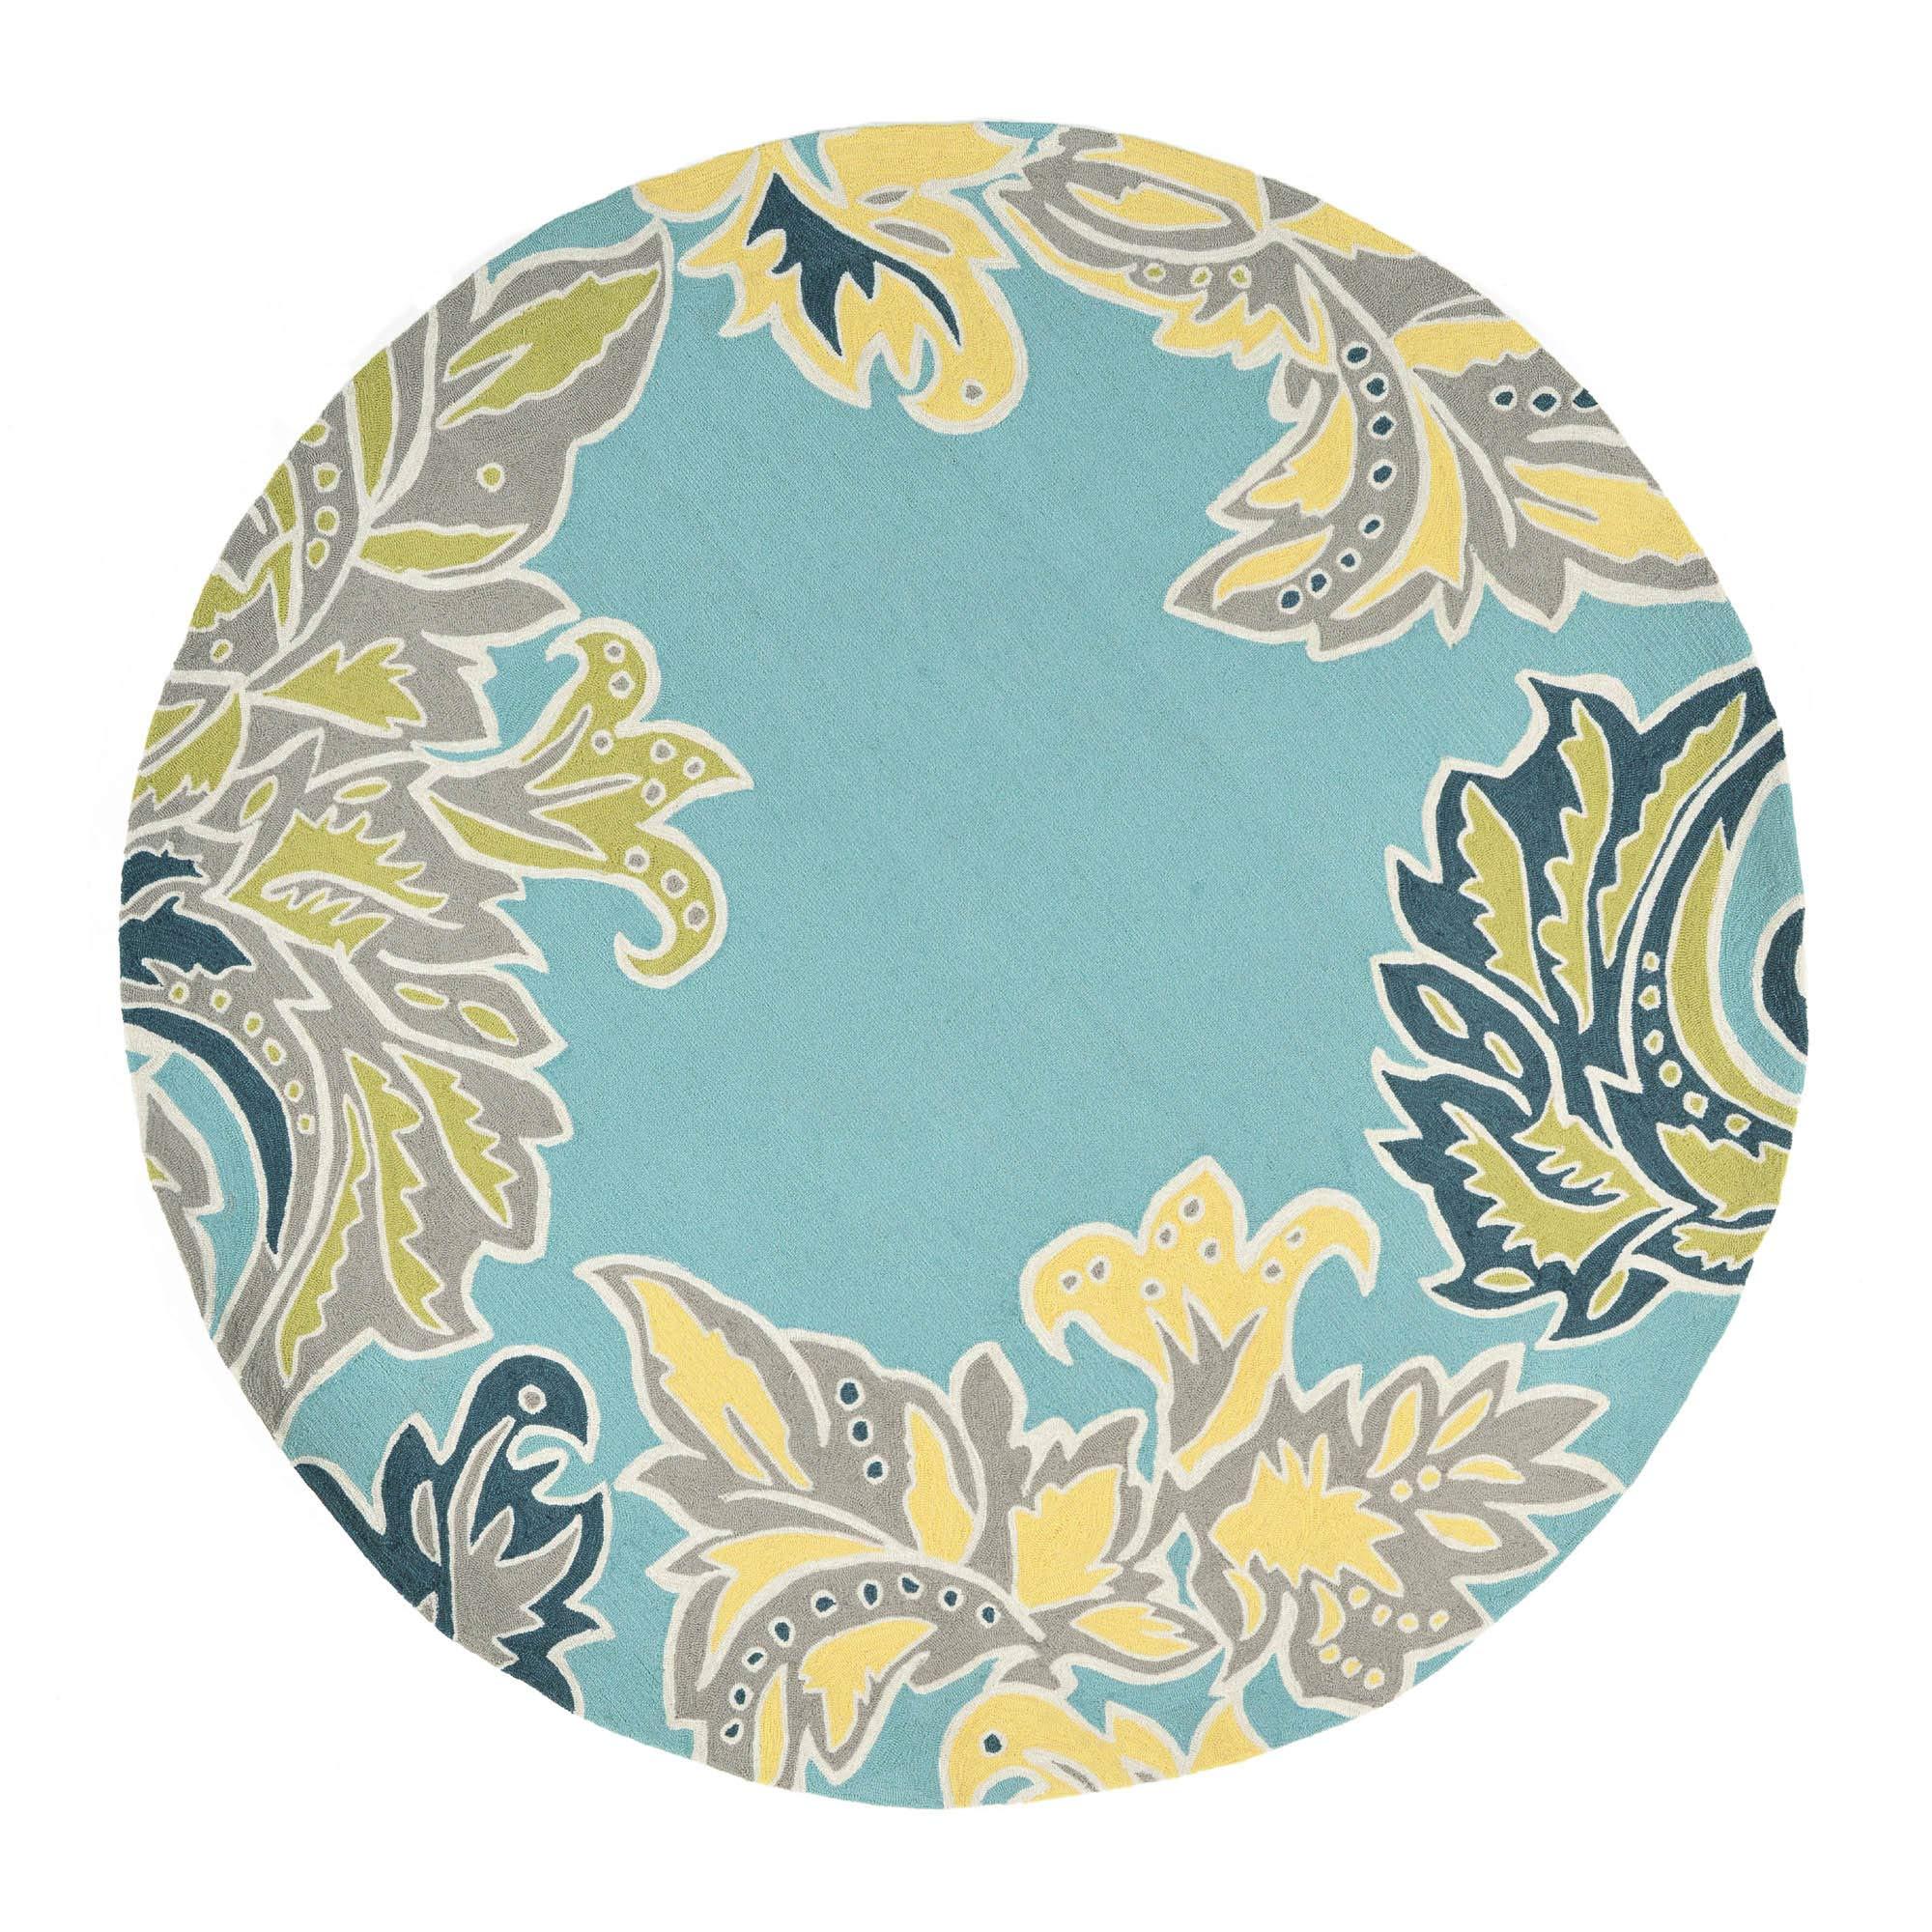 Liora Manne RV0D8A22403 1947/03 BDR WA Ravella Ornamental Leaf Border Indoor/Outdoor Rug, 8' Round, Blue